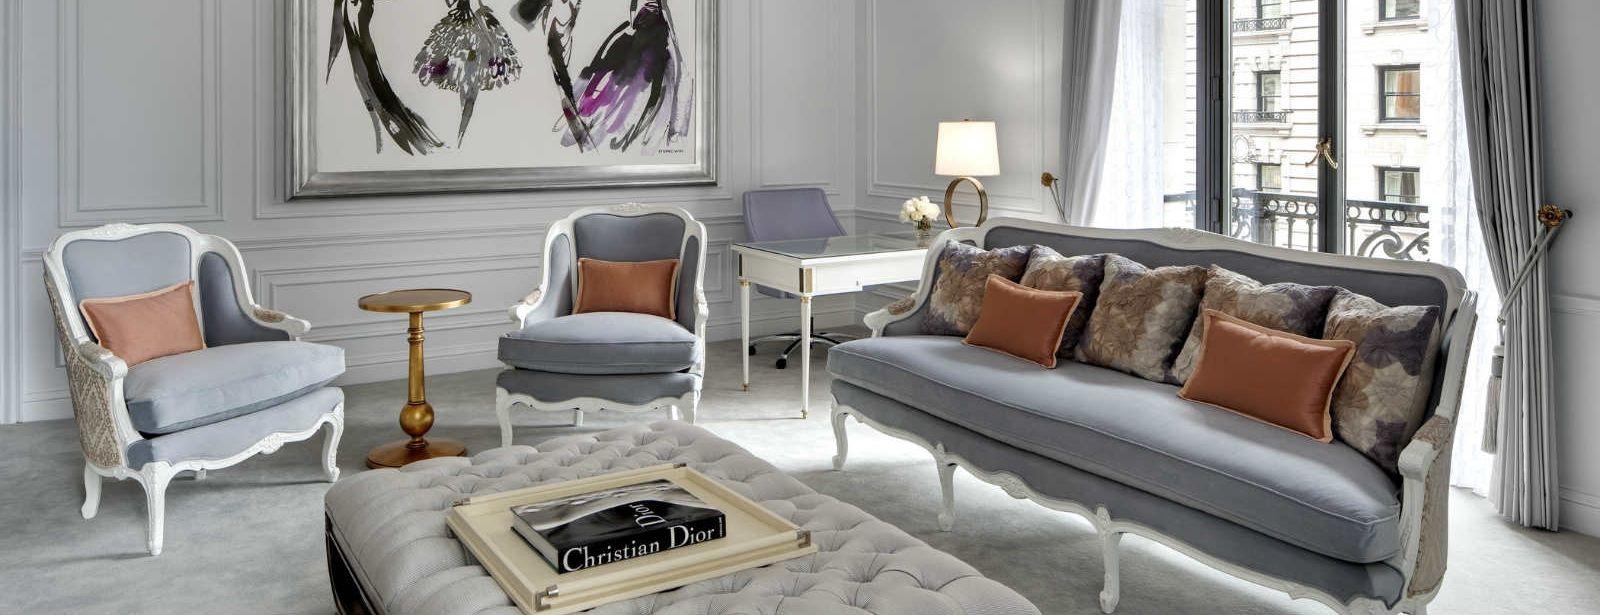 Detalhes da sala de estar da Suite Dior em hotel de luxo